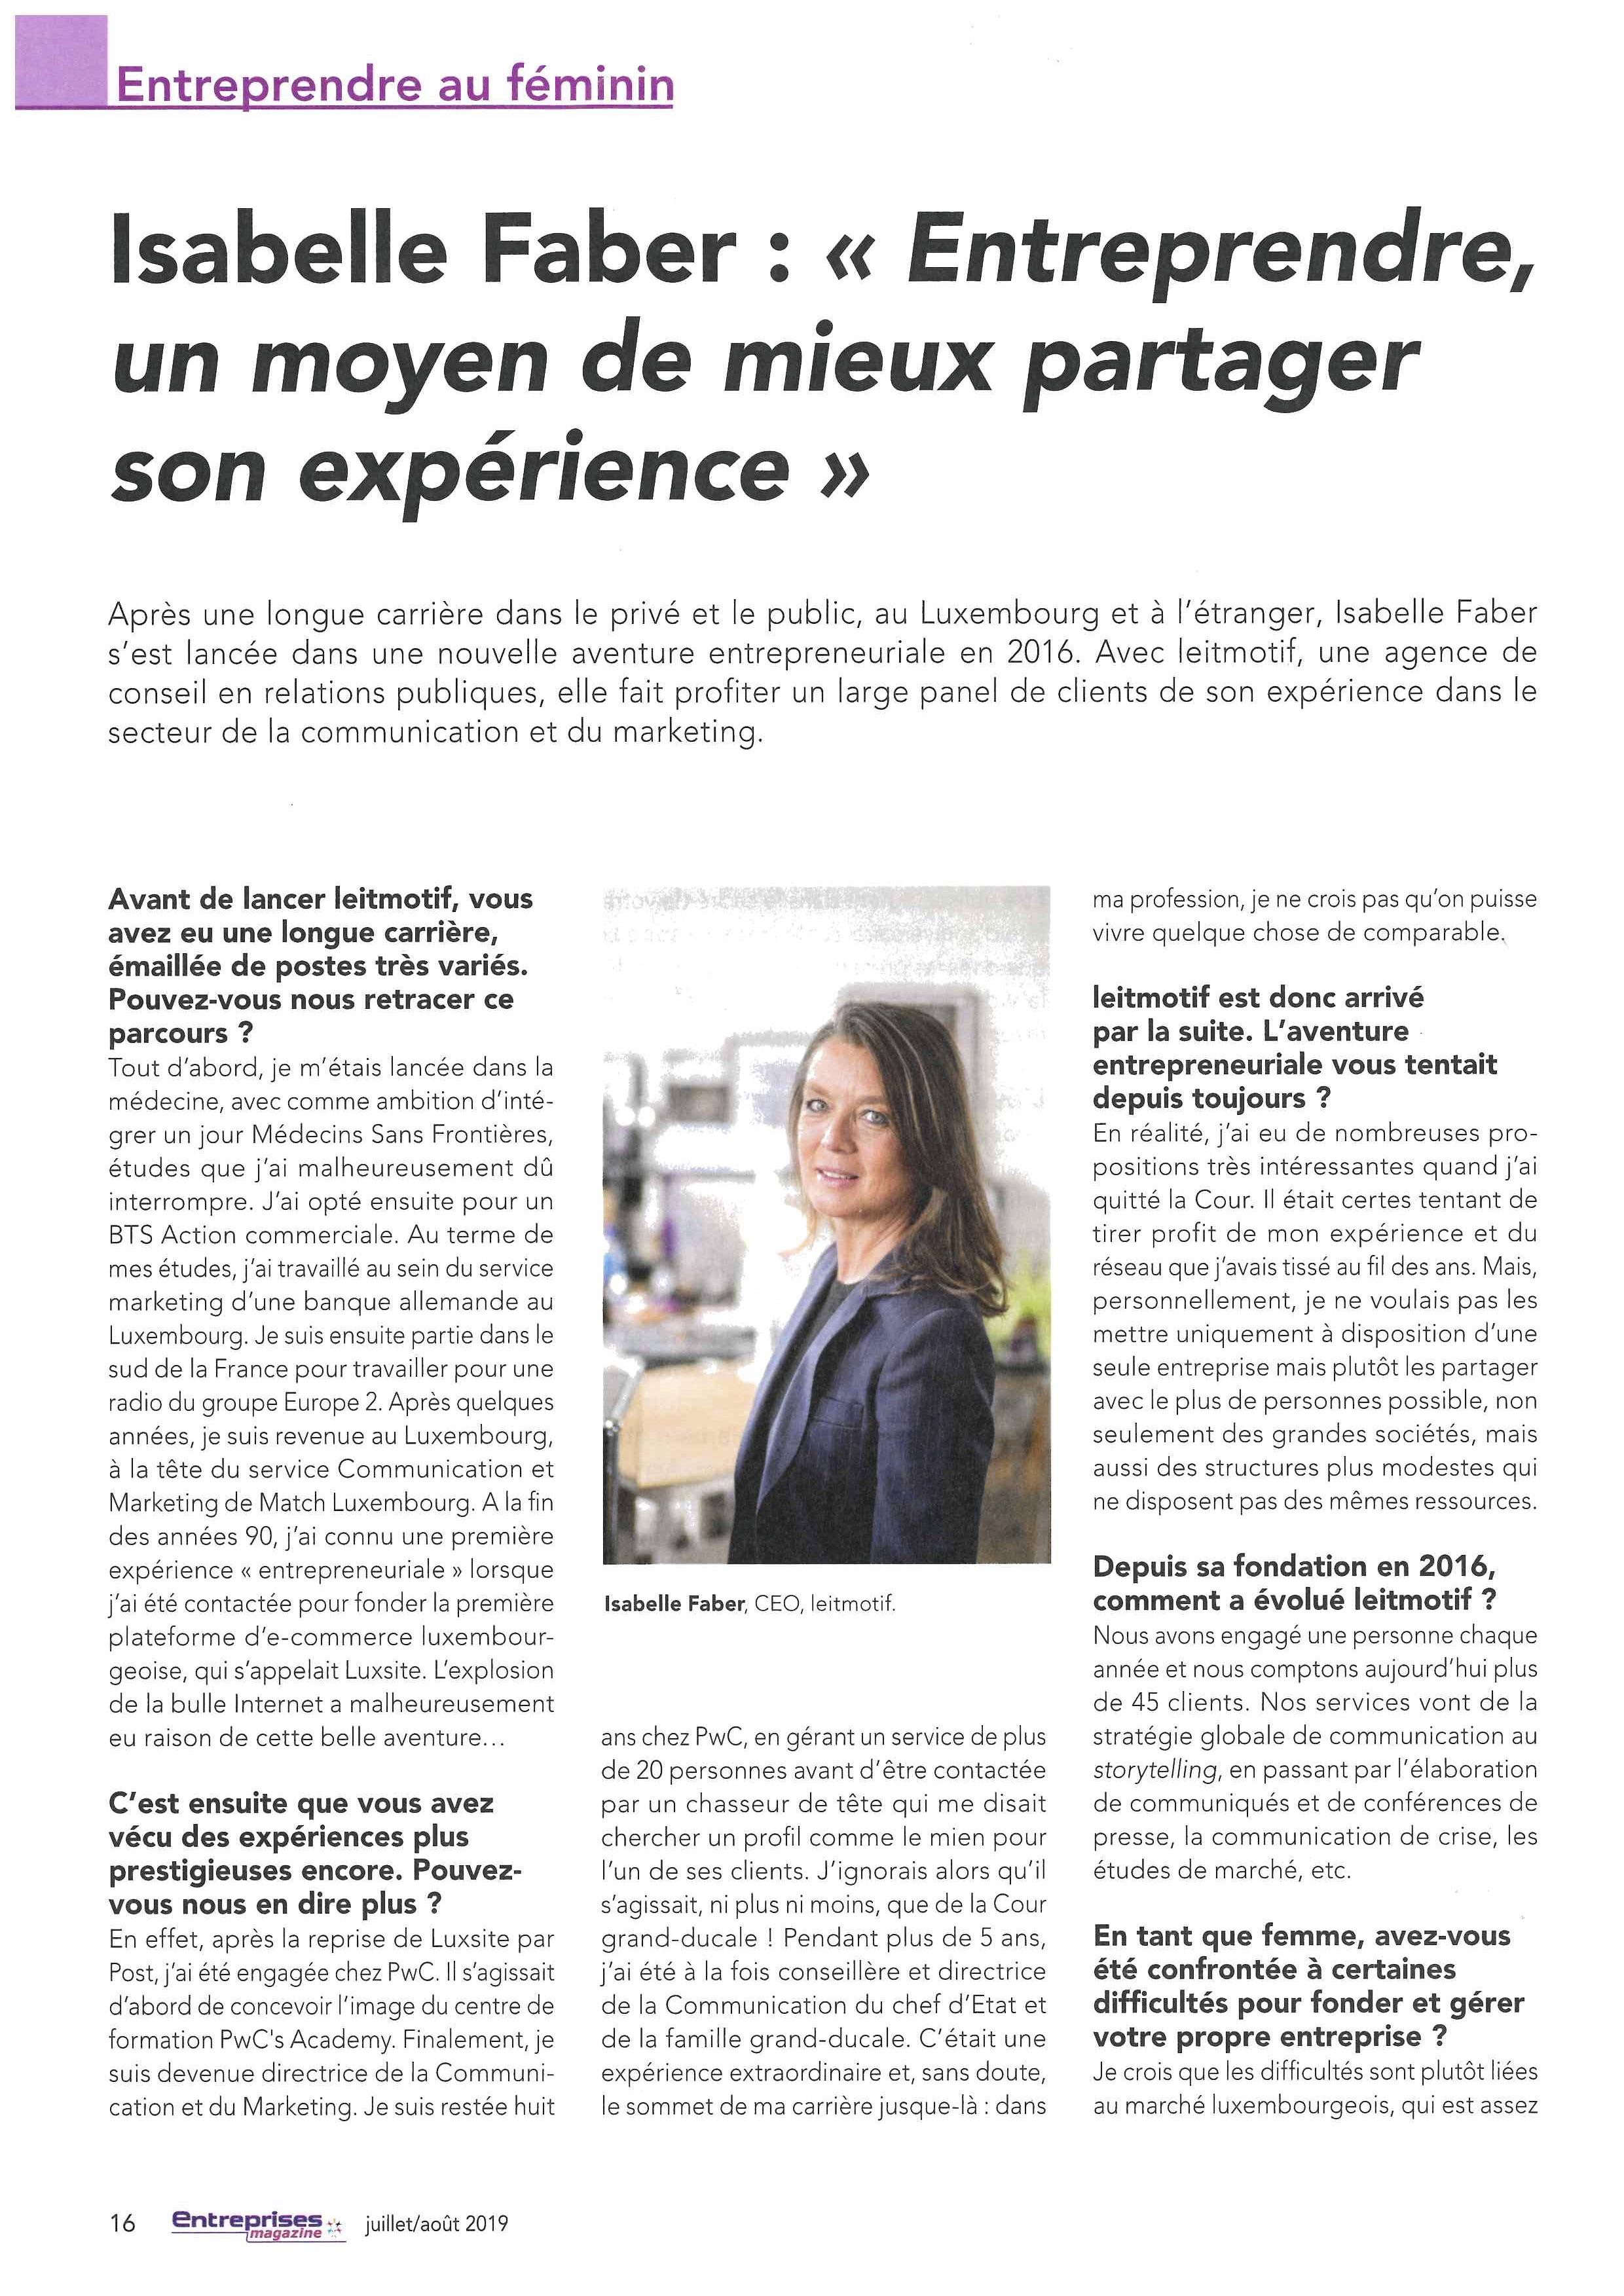 Entreprendre au féminin - Entreprises magazine